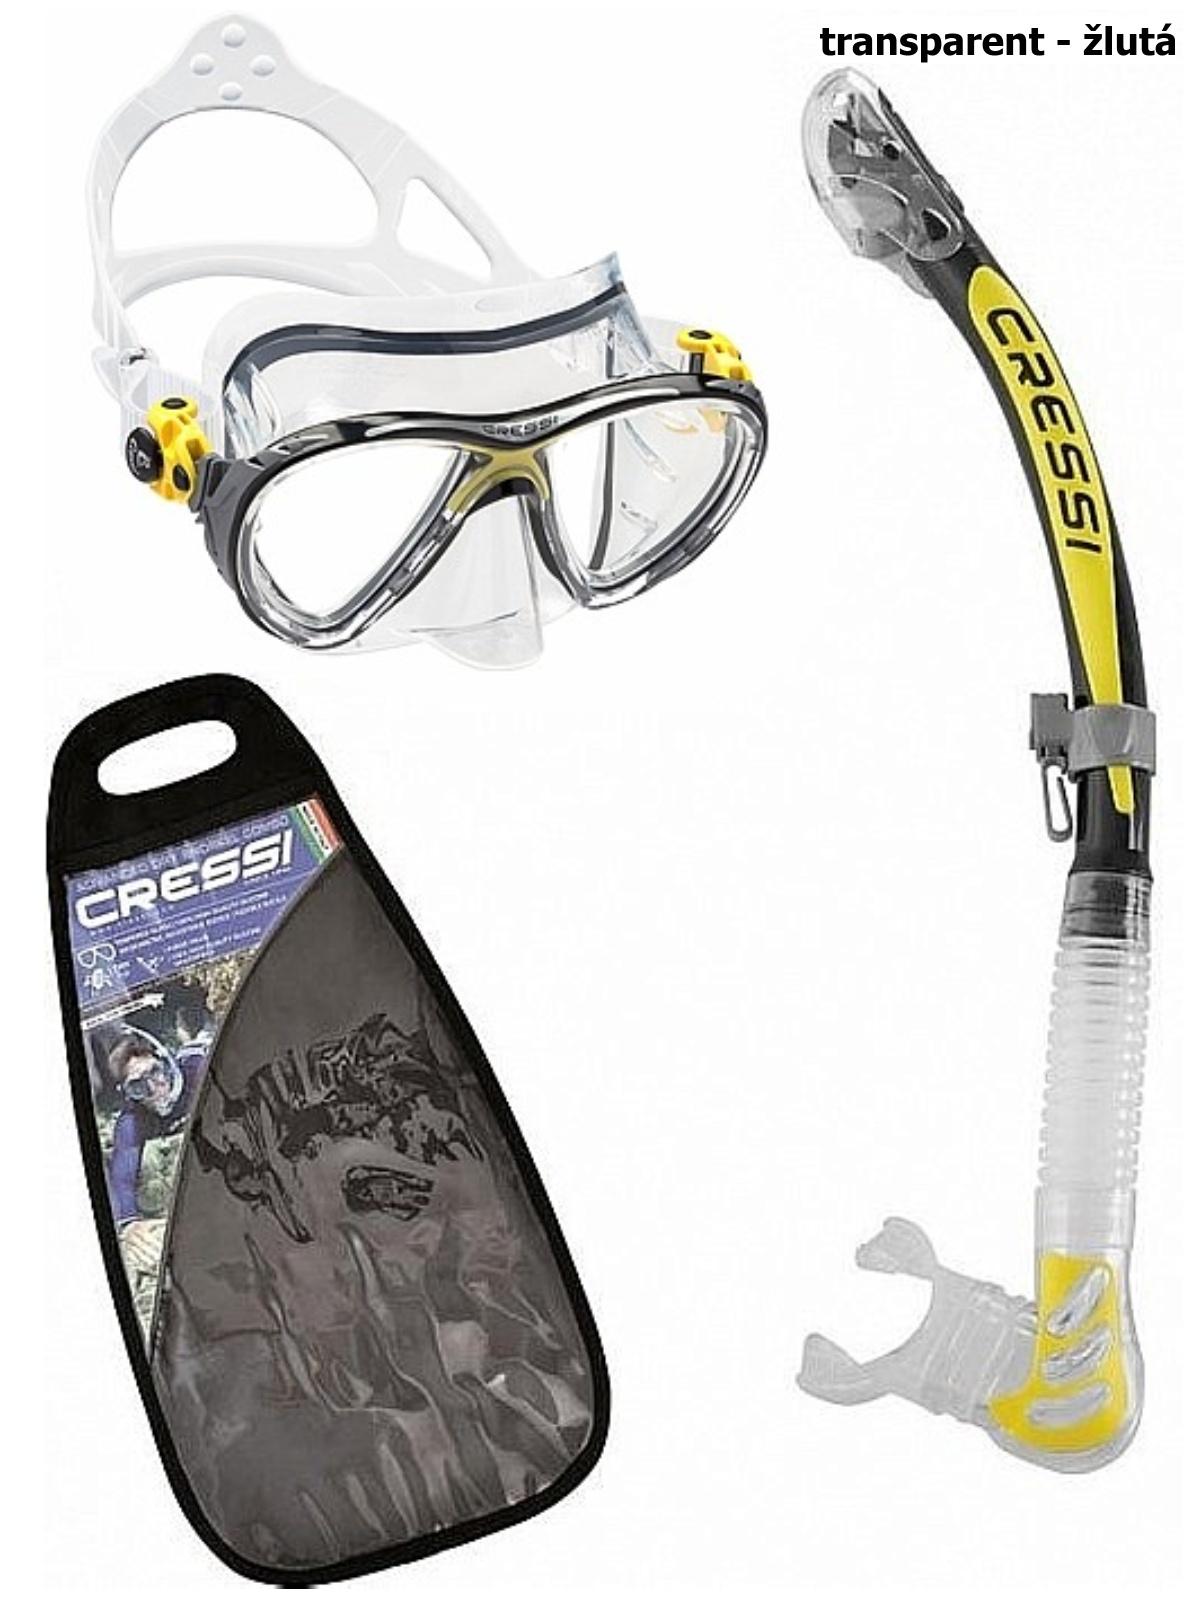 Potápěčský set CRESSI Big Eyes+Alpha Ultra Dry - transparent žlutá